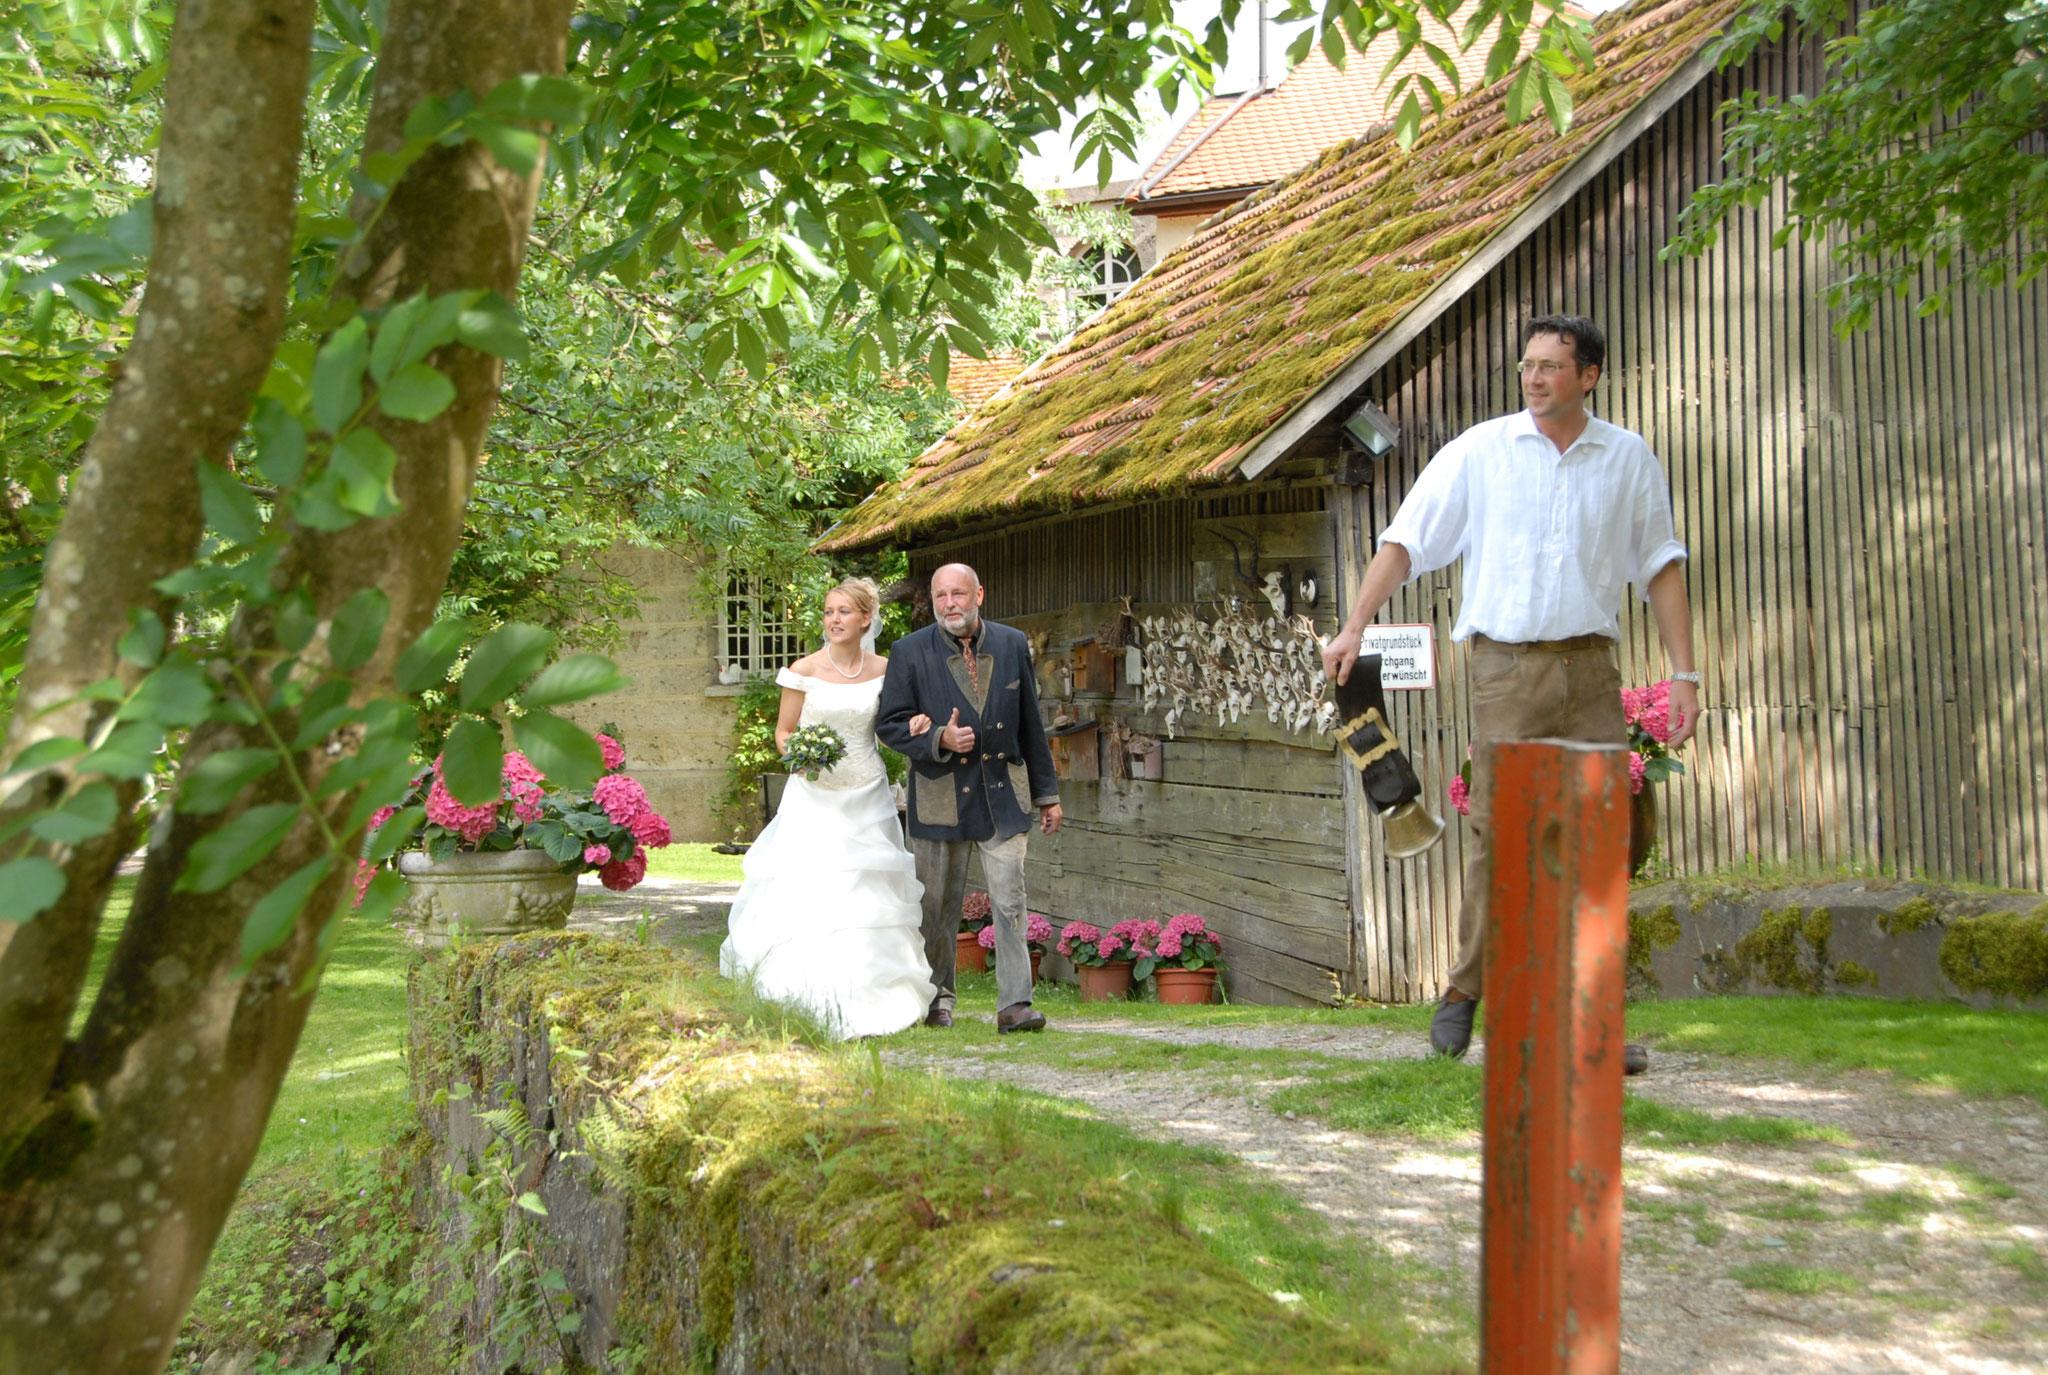 Freie Trauung | Trau dich mit Emma | Hochzeitslocation | Baden-Württemberg | Heiraten in den Bergen | Trau dich mit Emma